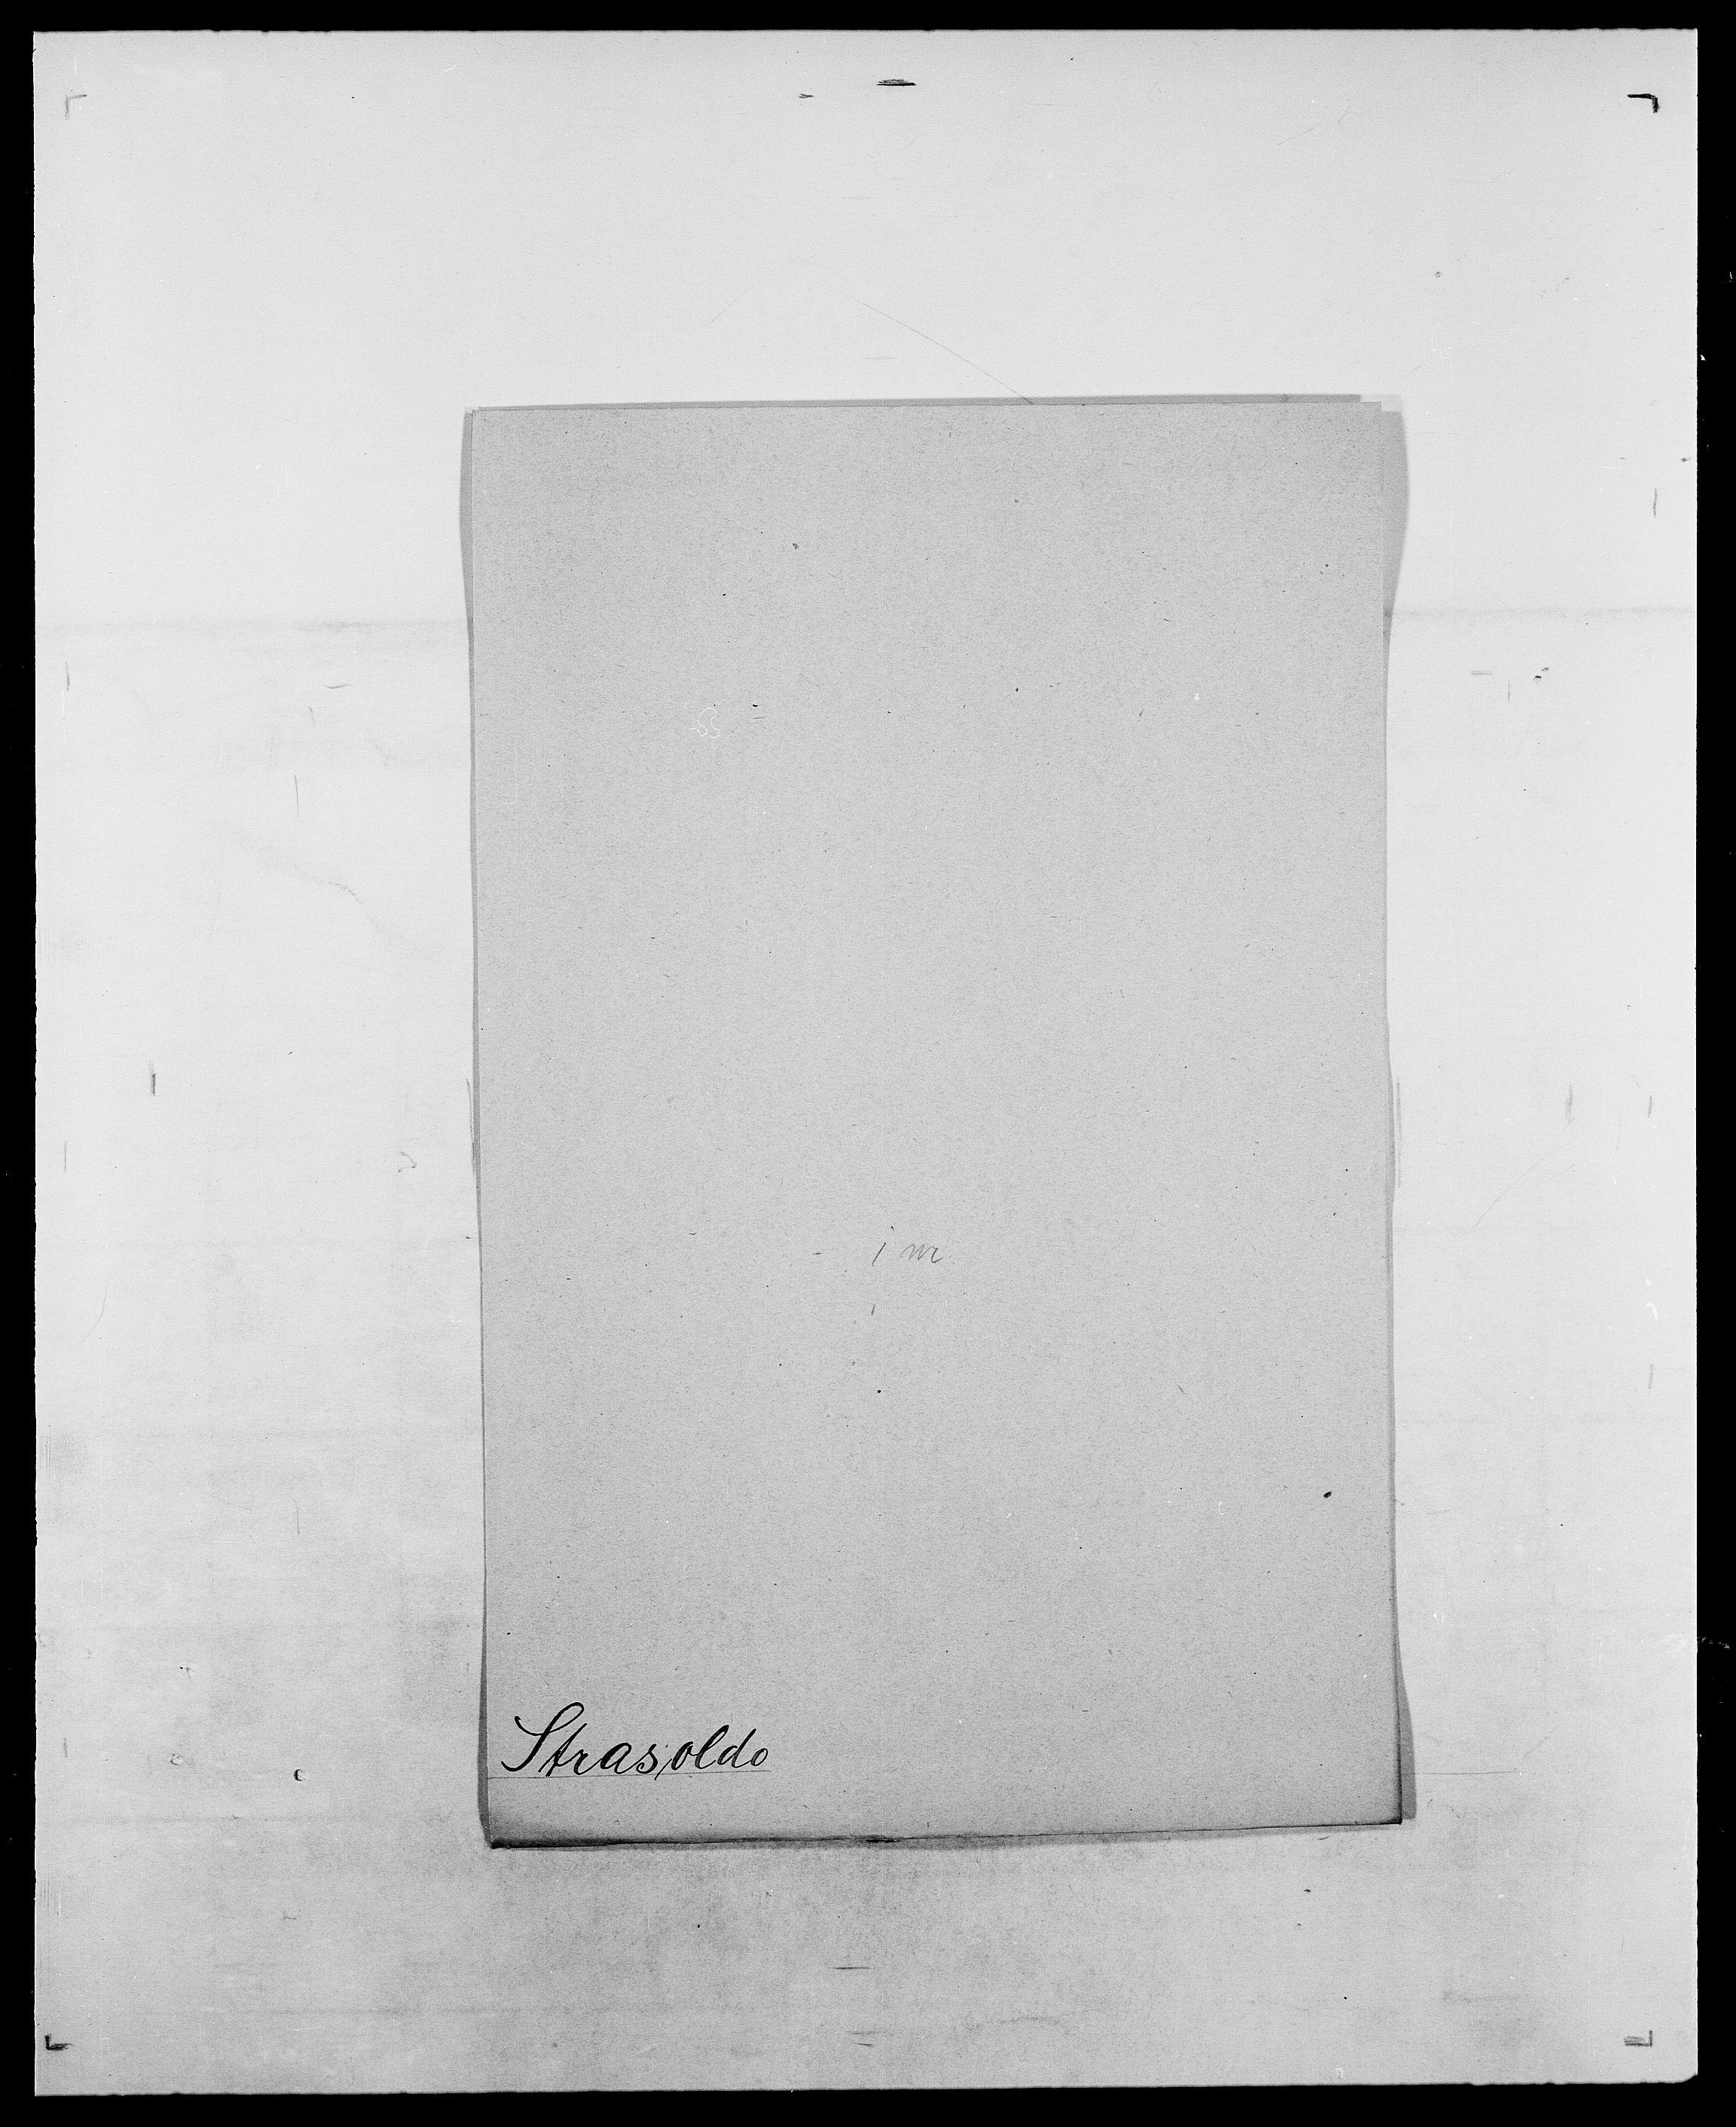 SAO, Delgobe, Charles Antoine - samling, D/Da/L0037: Steen, Sthen, Stein - Svare, Svanige, Svanne, se også Svanning og Schwane, s. 582